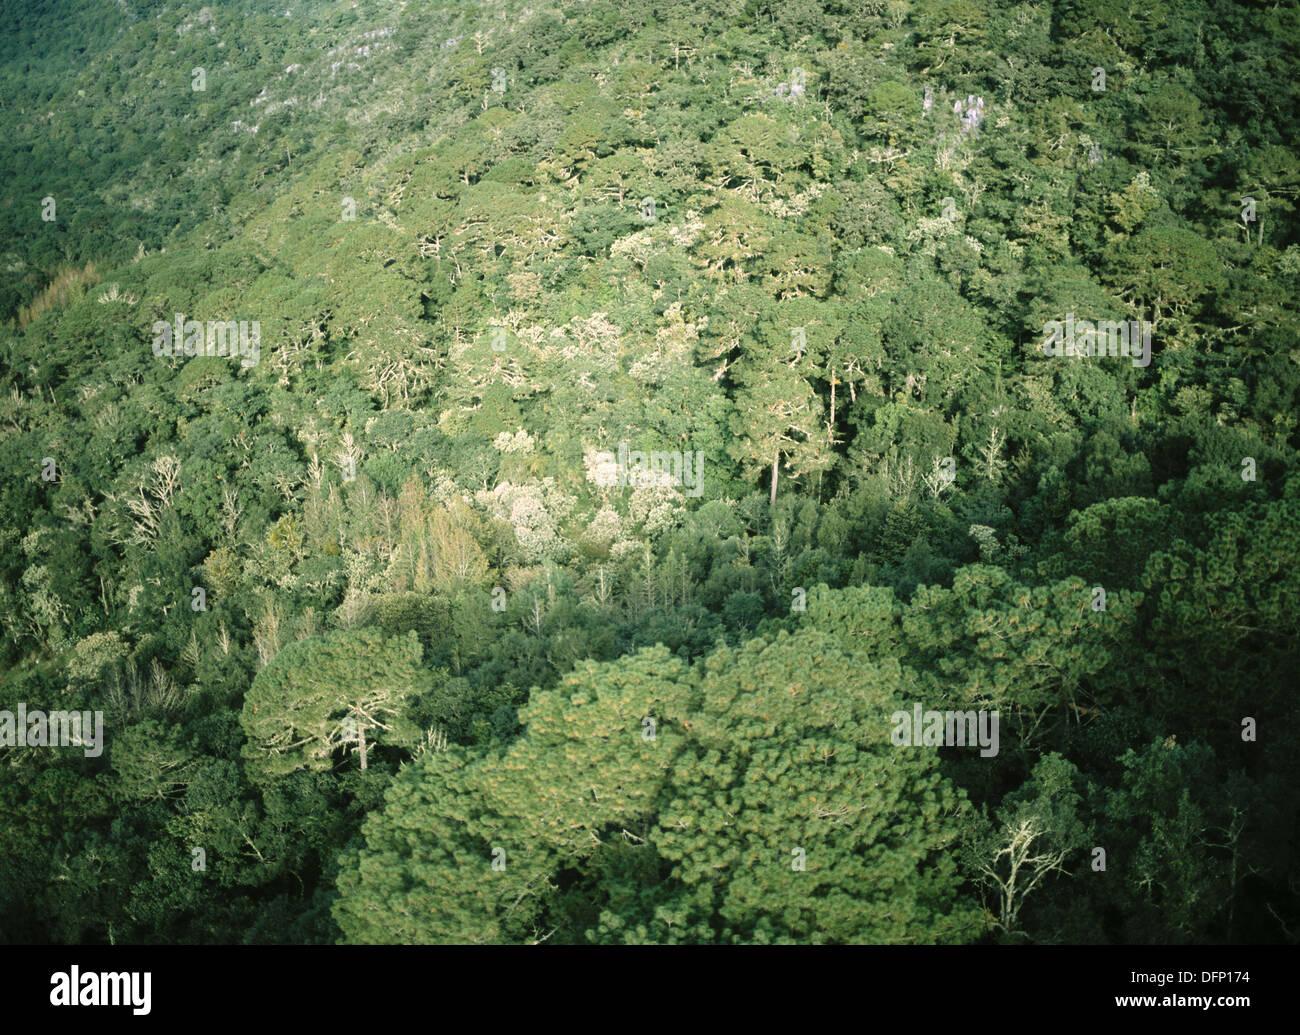 El Cielo riserva della biosfera. Tamaulipas. Messico. Immagini Stock